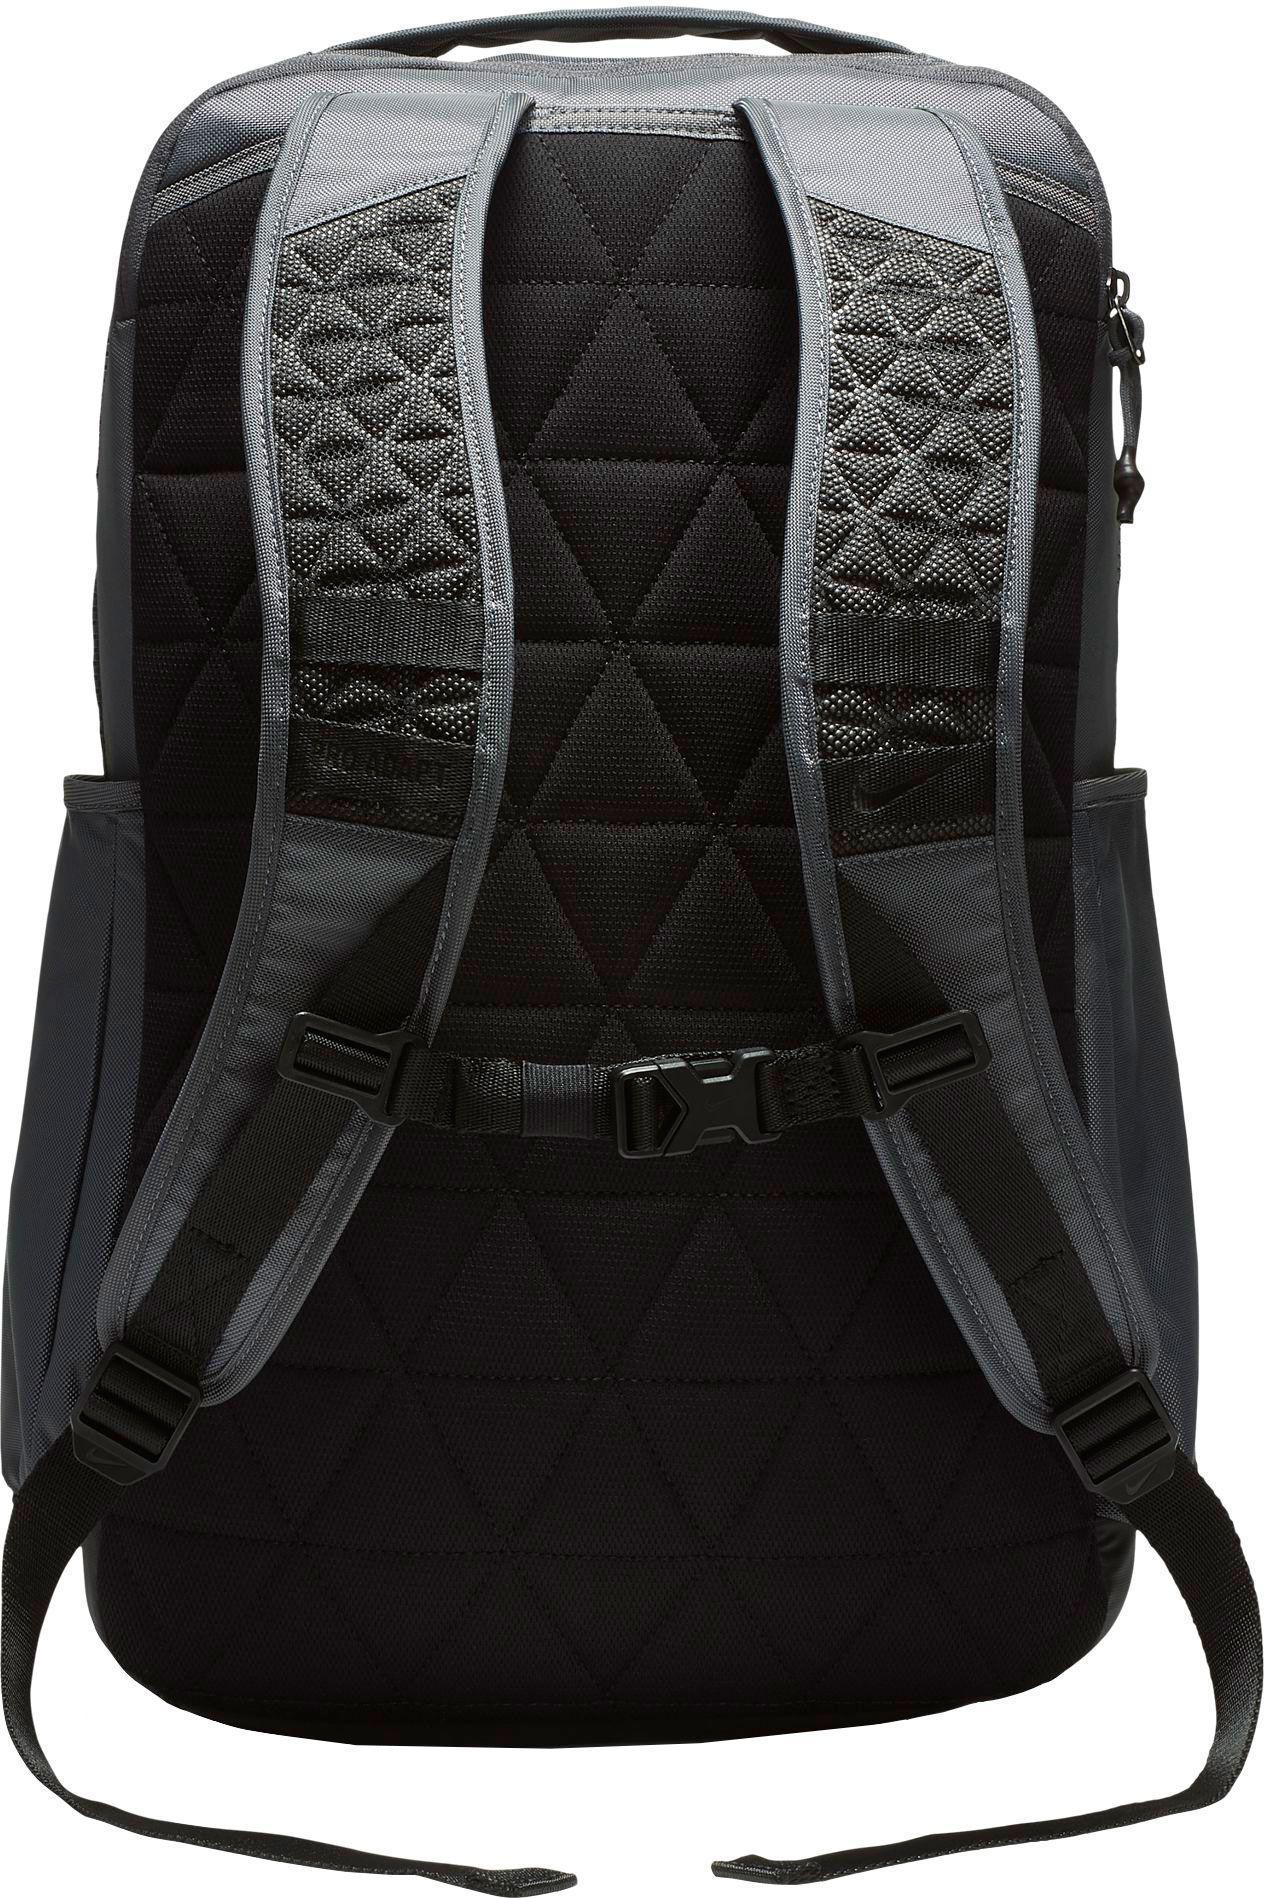 Nike - Black Vapor Power 2.0 Training Backpack for Men - Lyst. View  fullscreen 8ef82ff9953ad